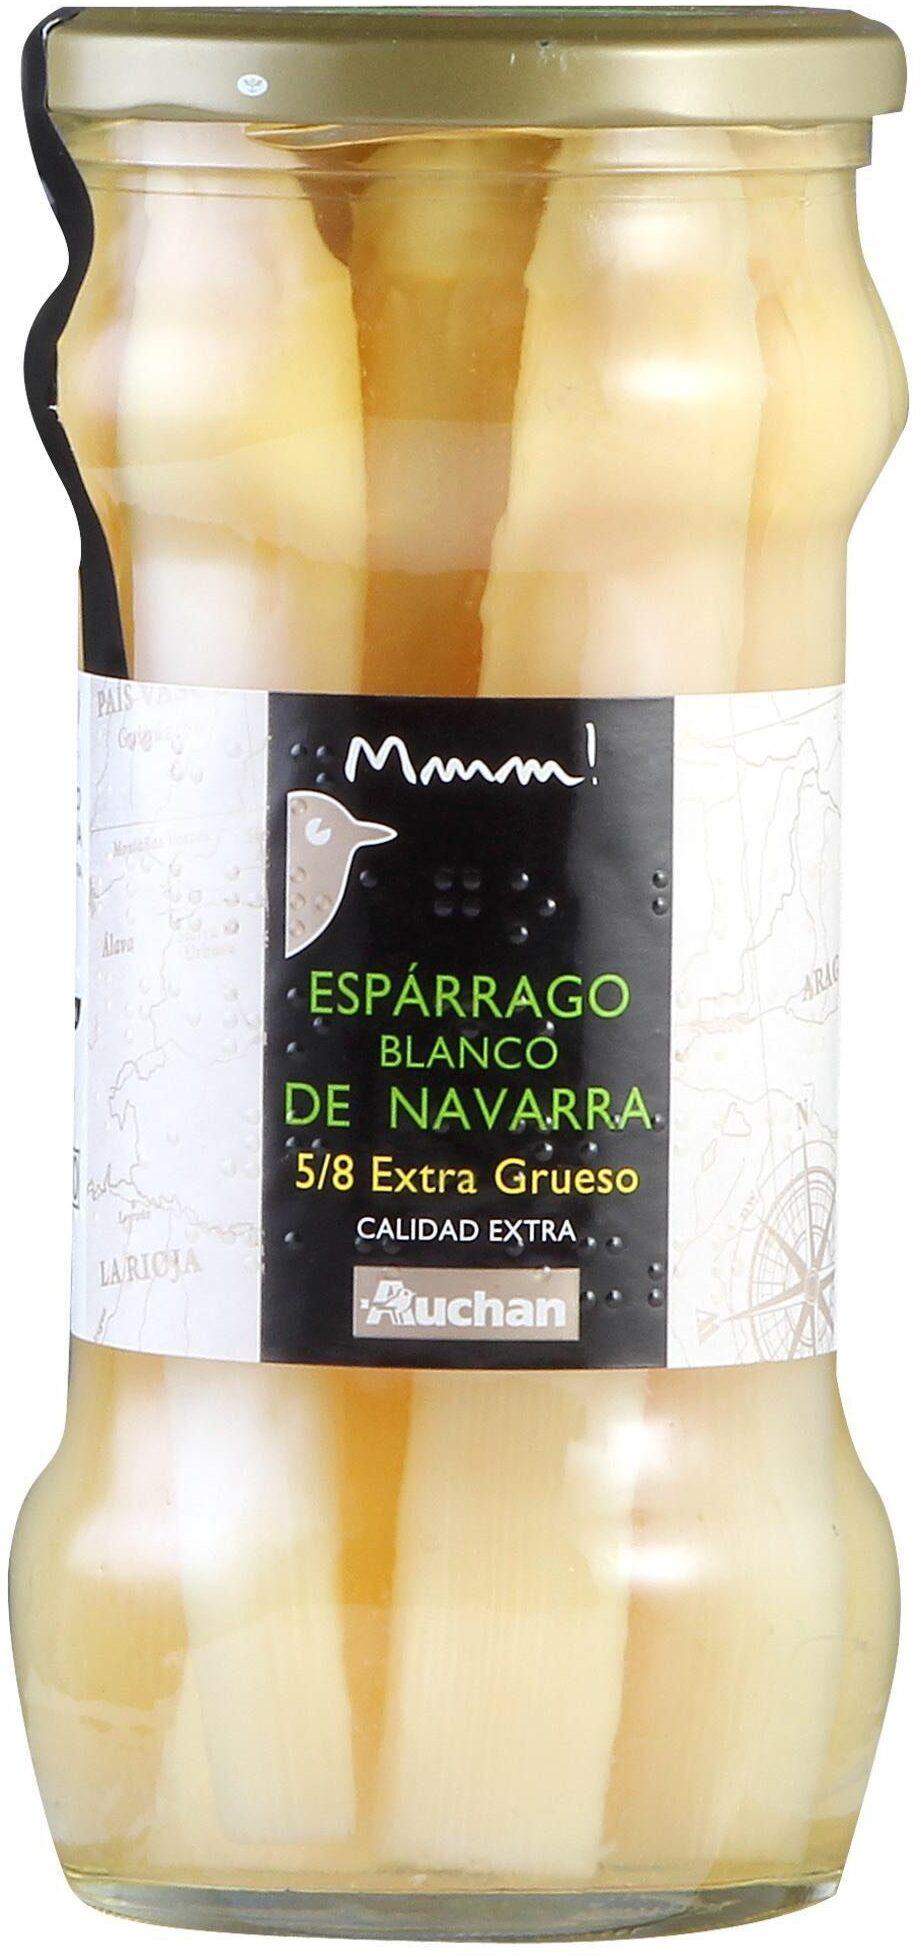 Espárrago blanco de Navarra - Producte